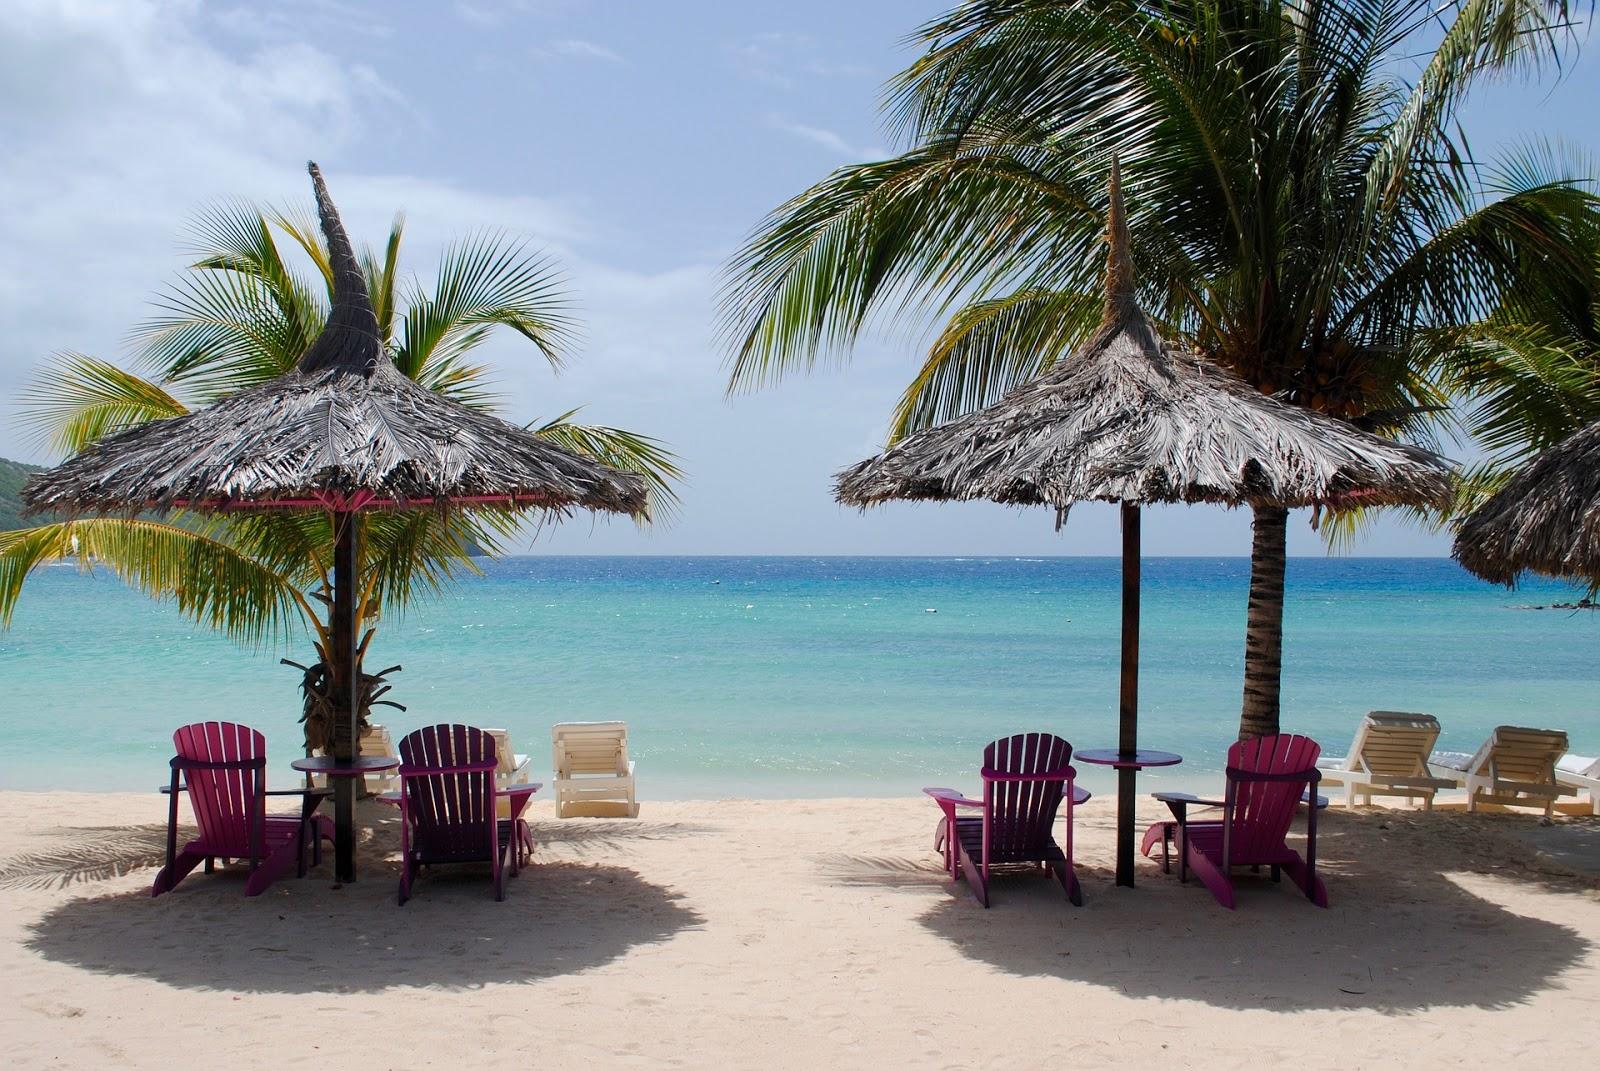 Temporada baja en el Caribe: de Agosto a Noviembre